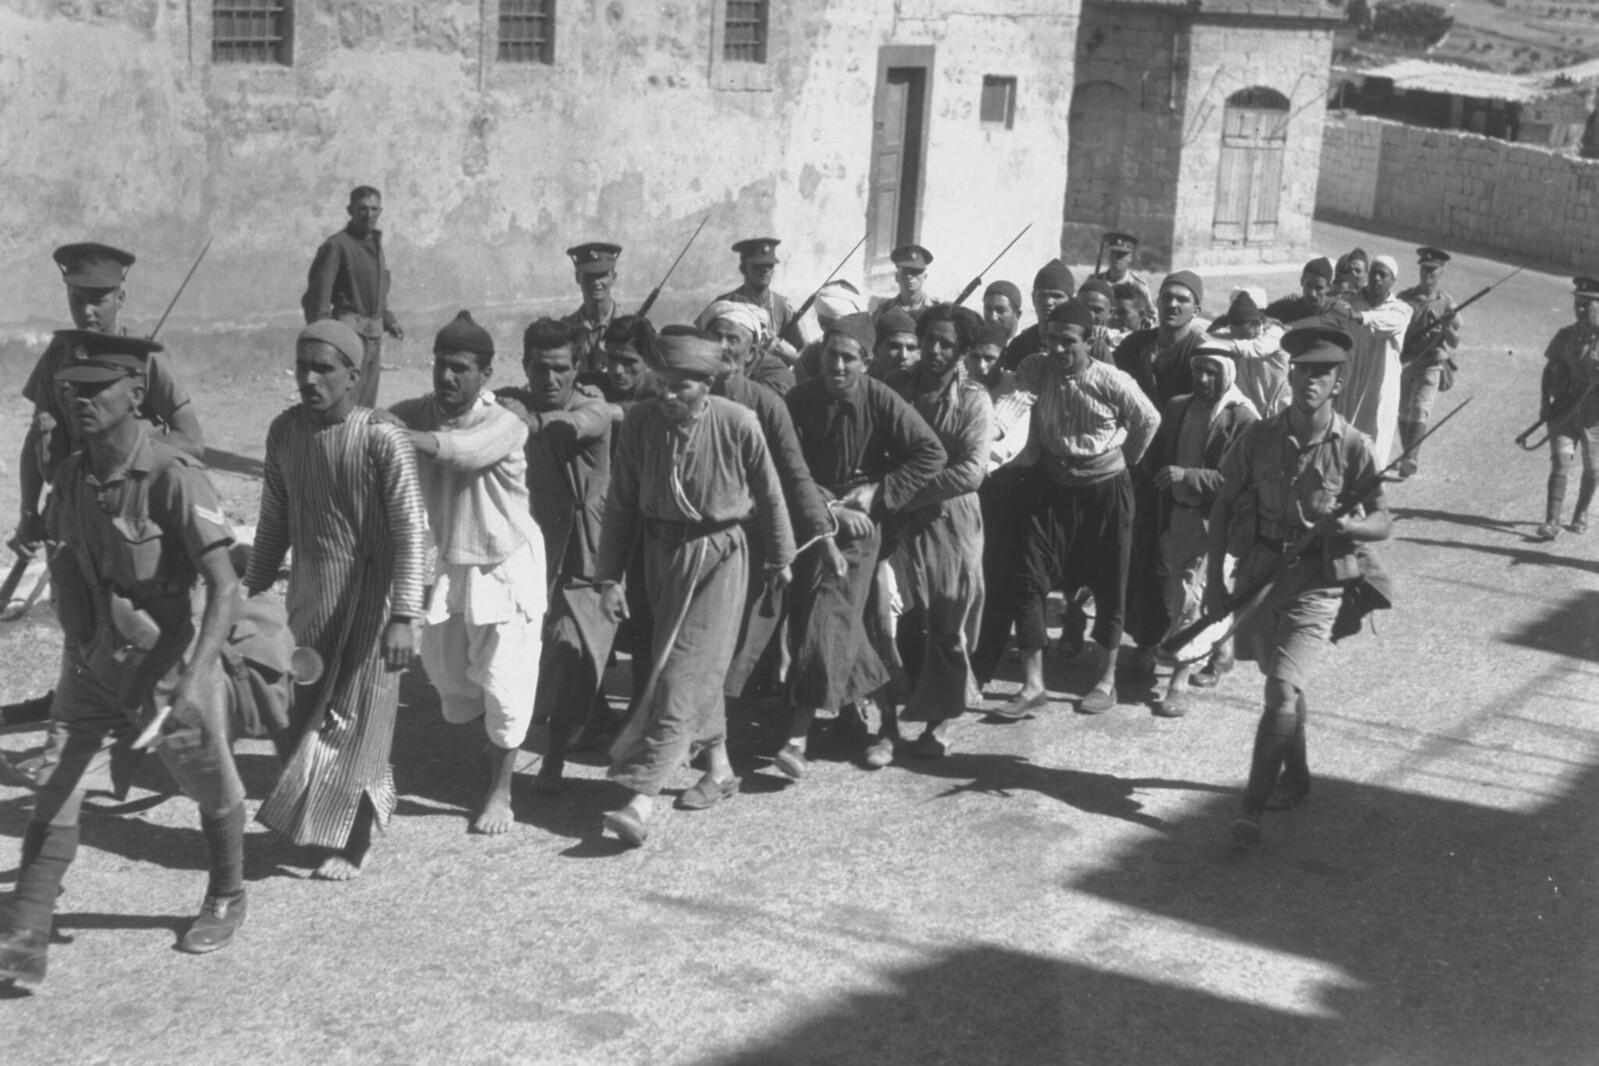 23. 1938. Цепочка заключенных отправляются в тюрьму в Иерусалиме во время комендантского часа. 26 октября